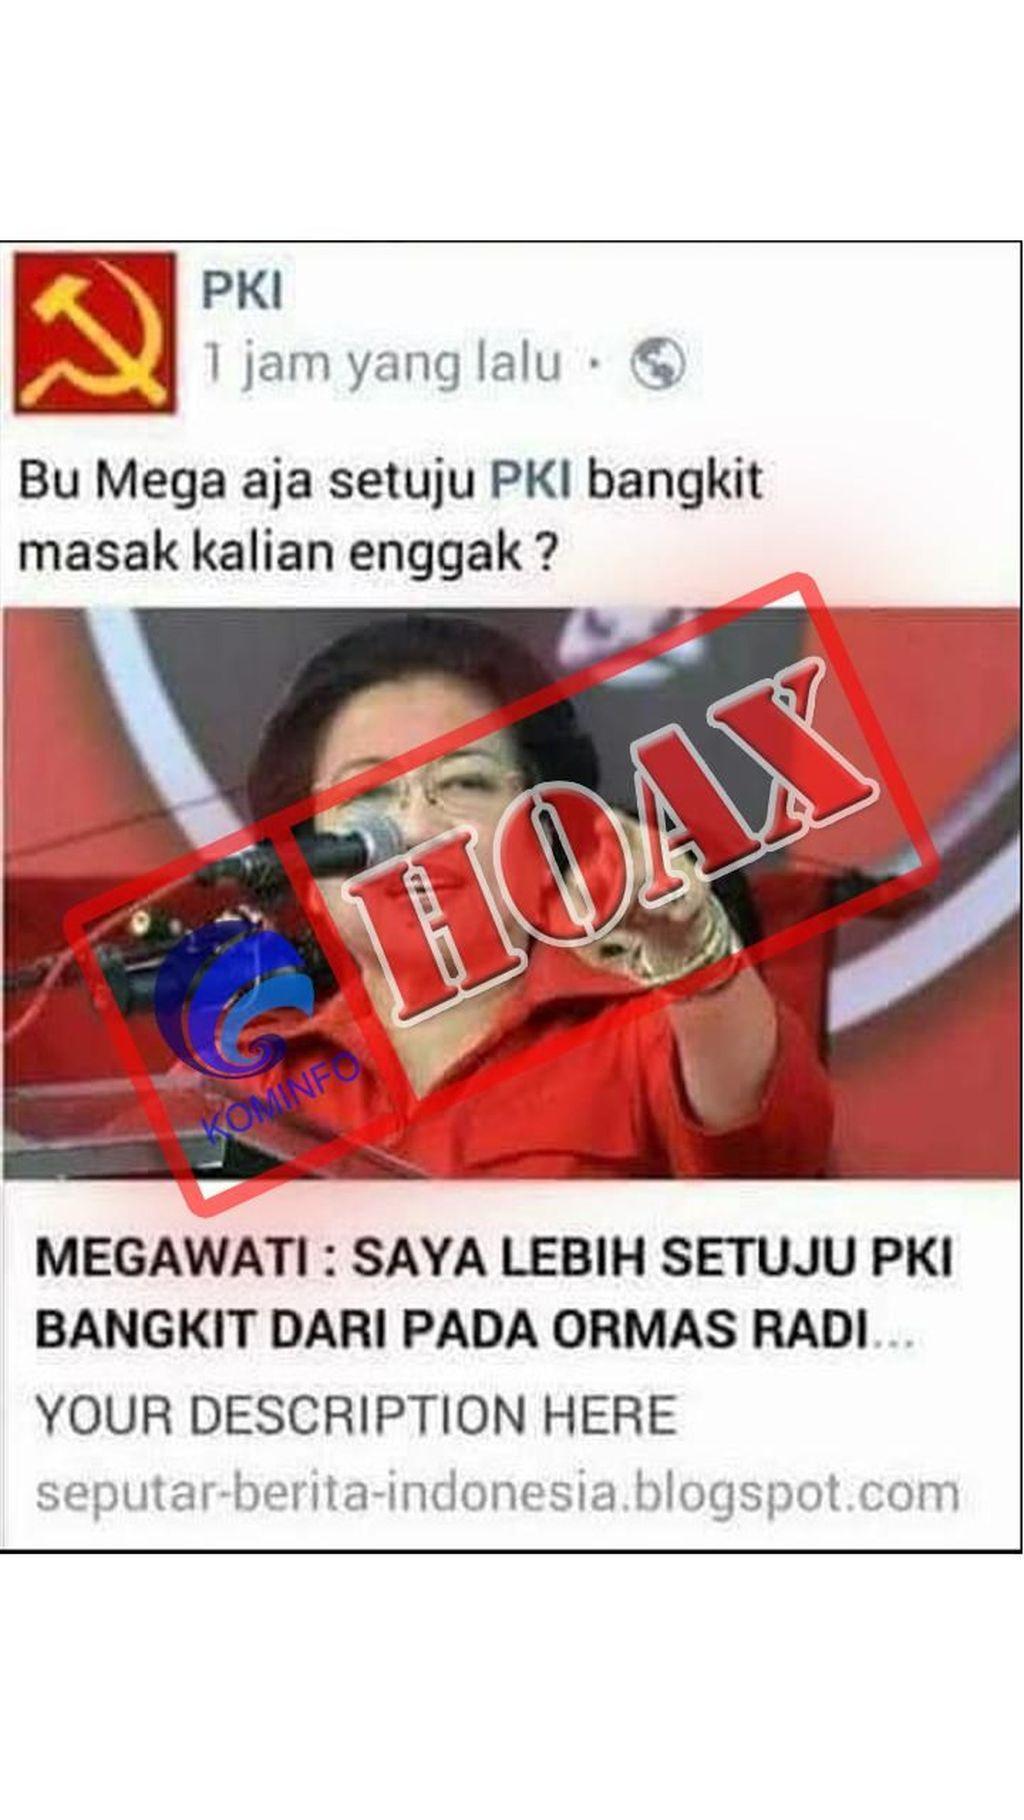 Megawati setuju PKI bangkit ini tidak benar. Foto: Dok. Kemenkominfo